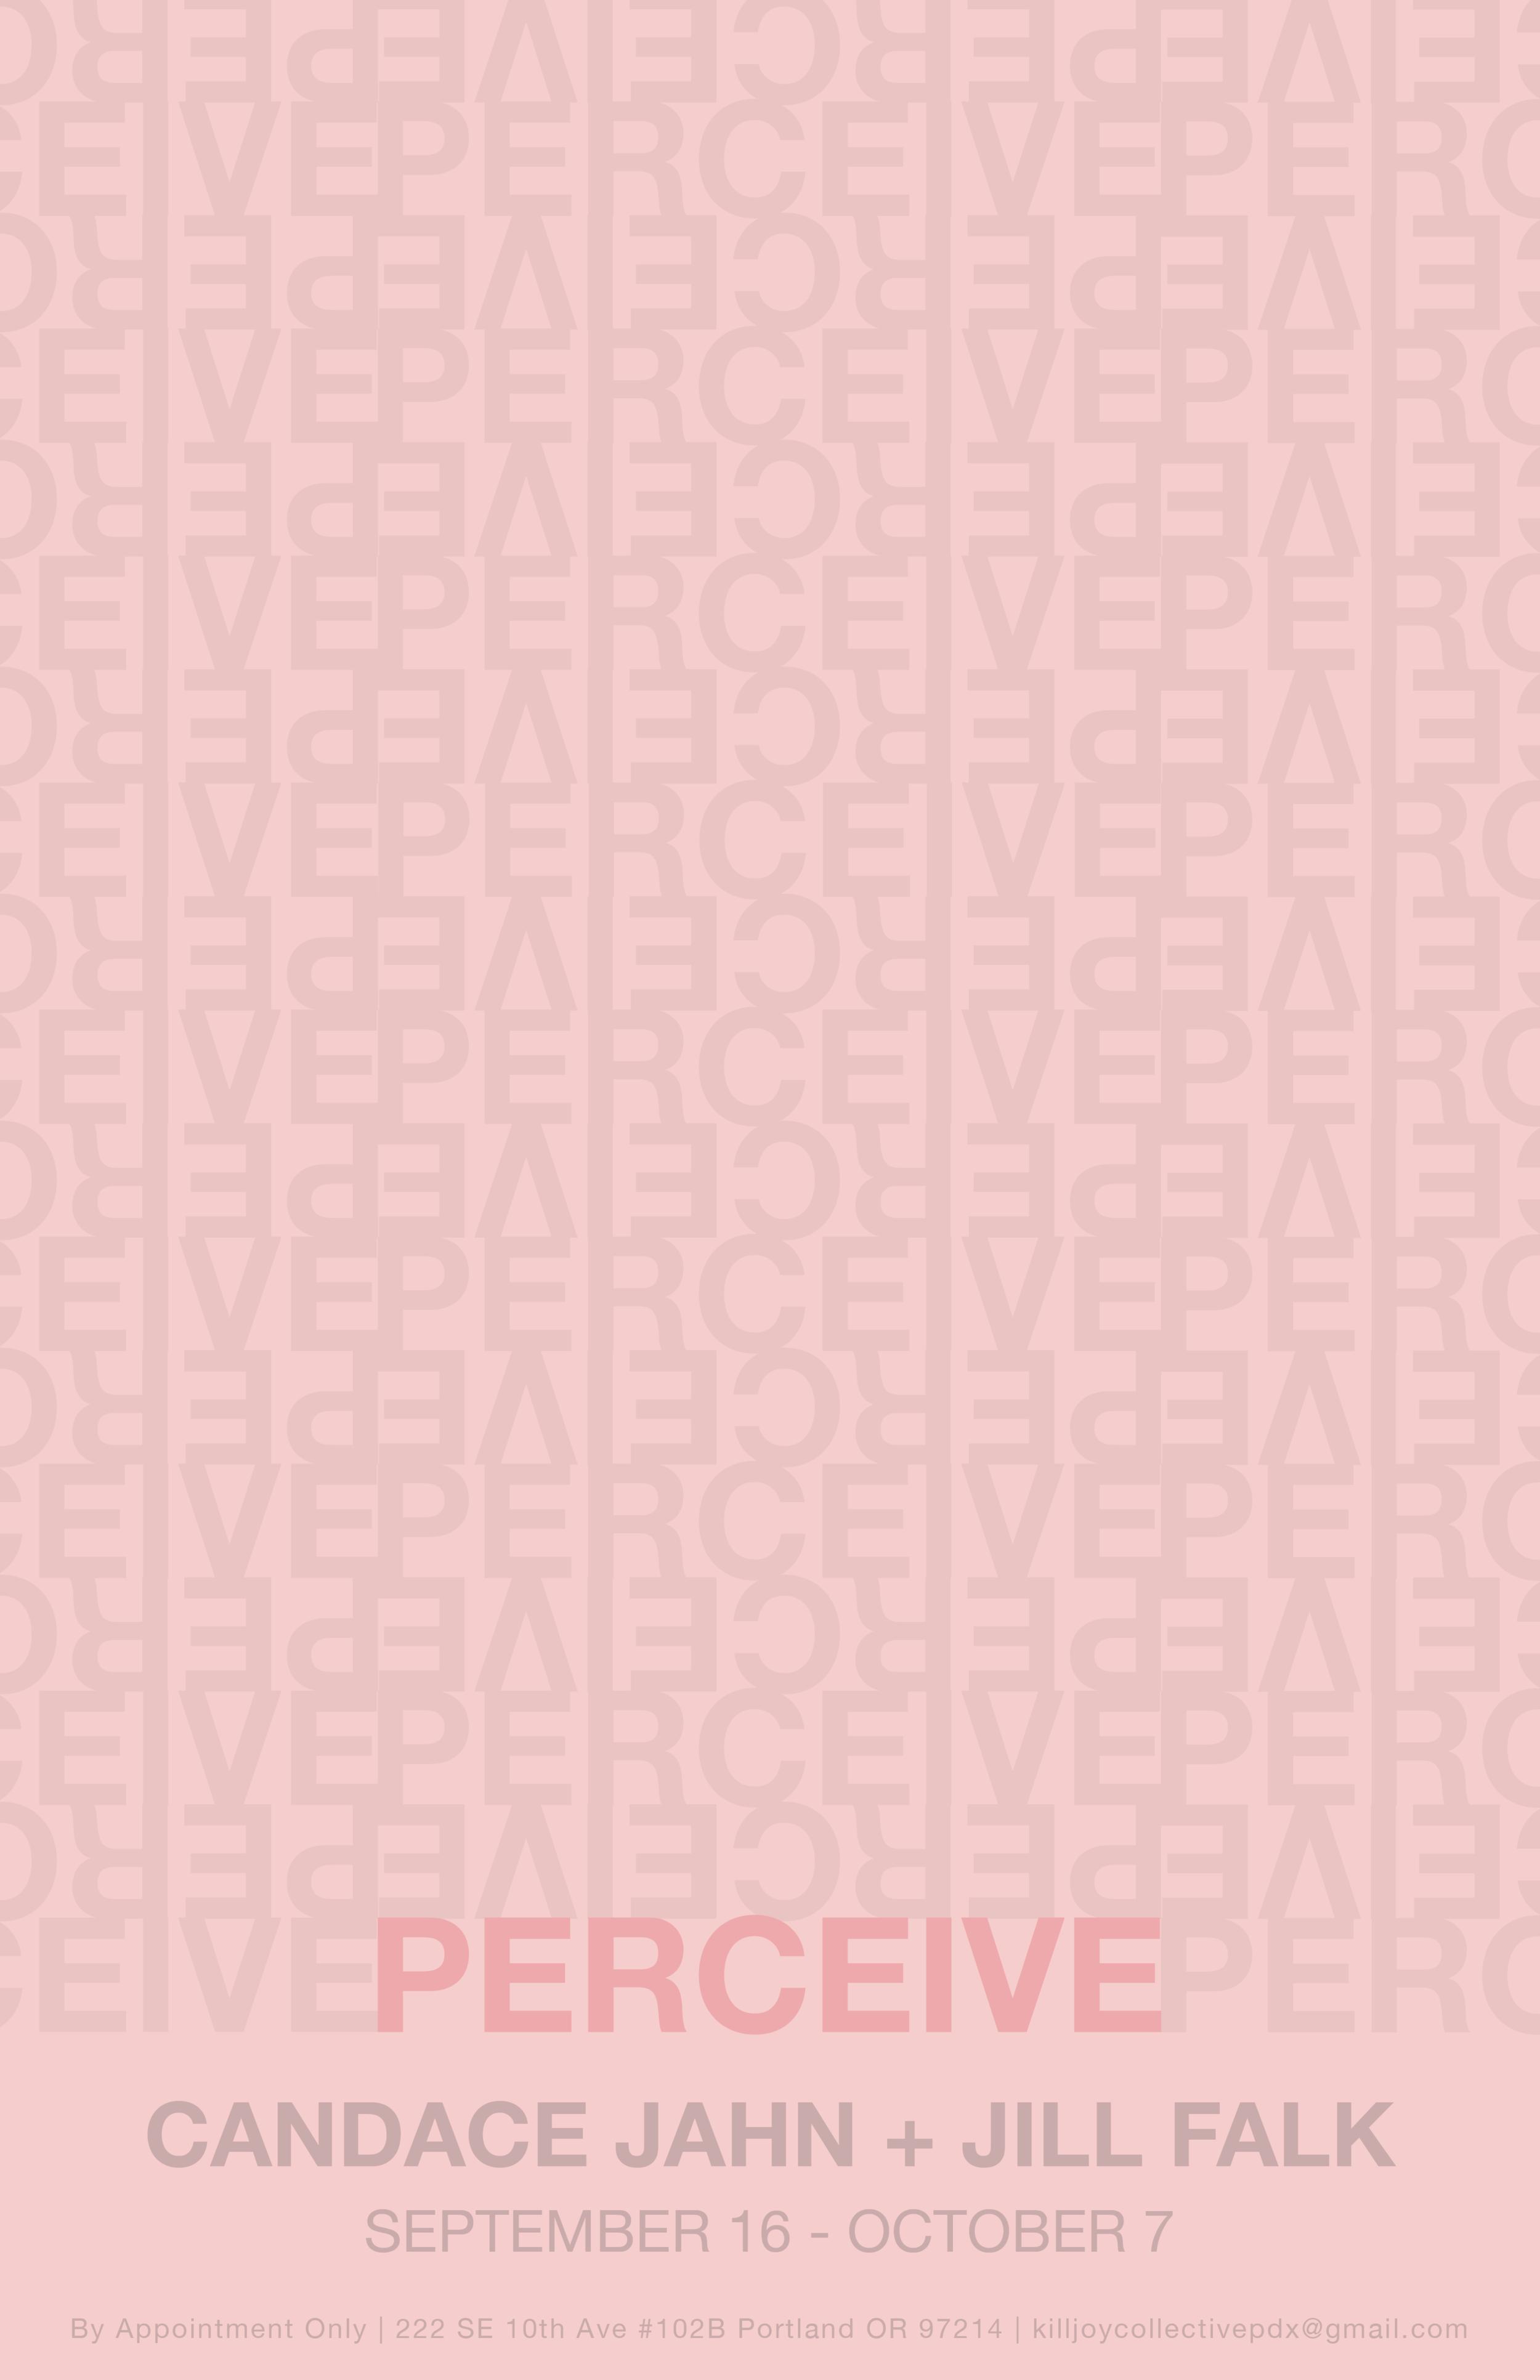 Perceive_02_C-01.png